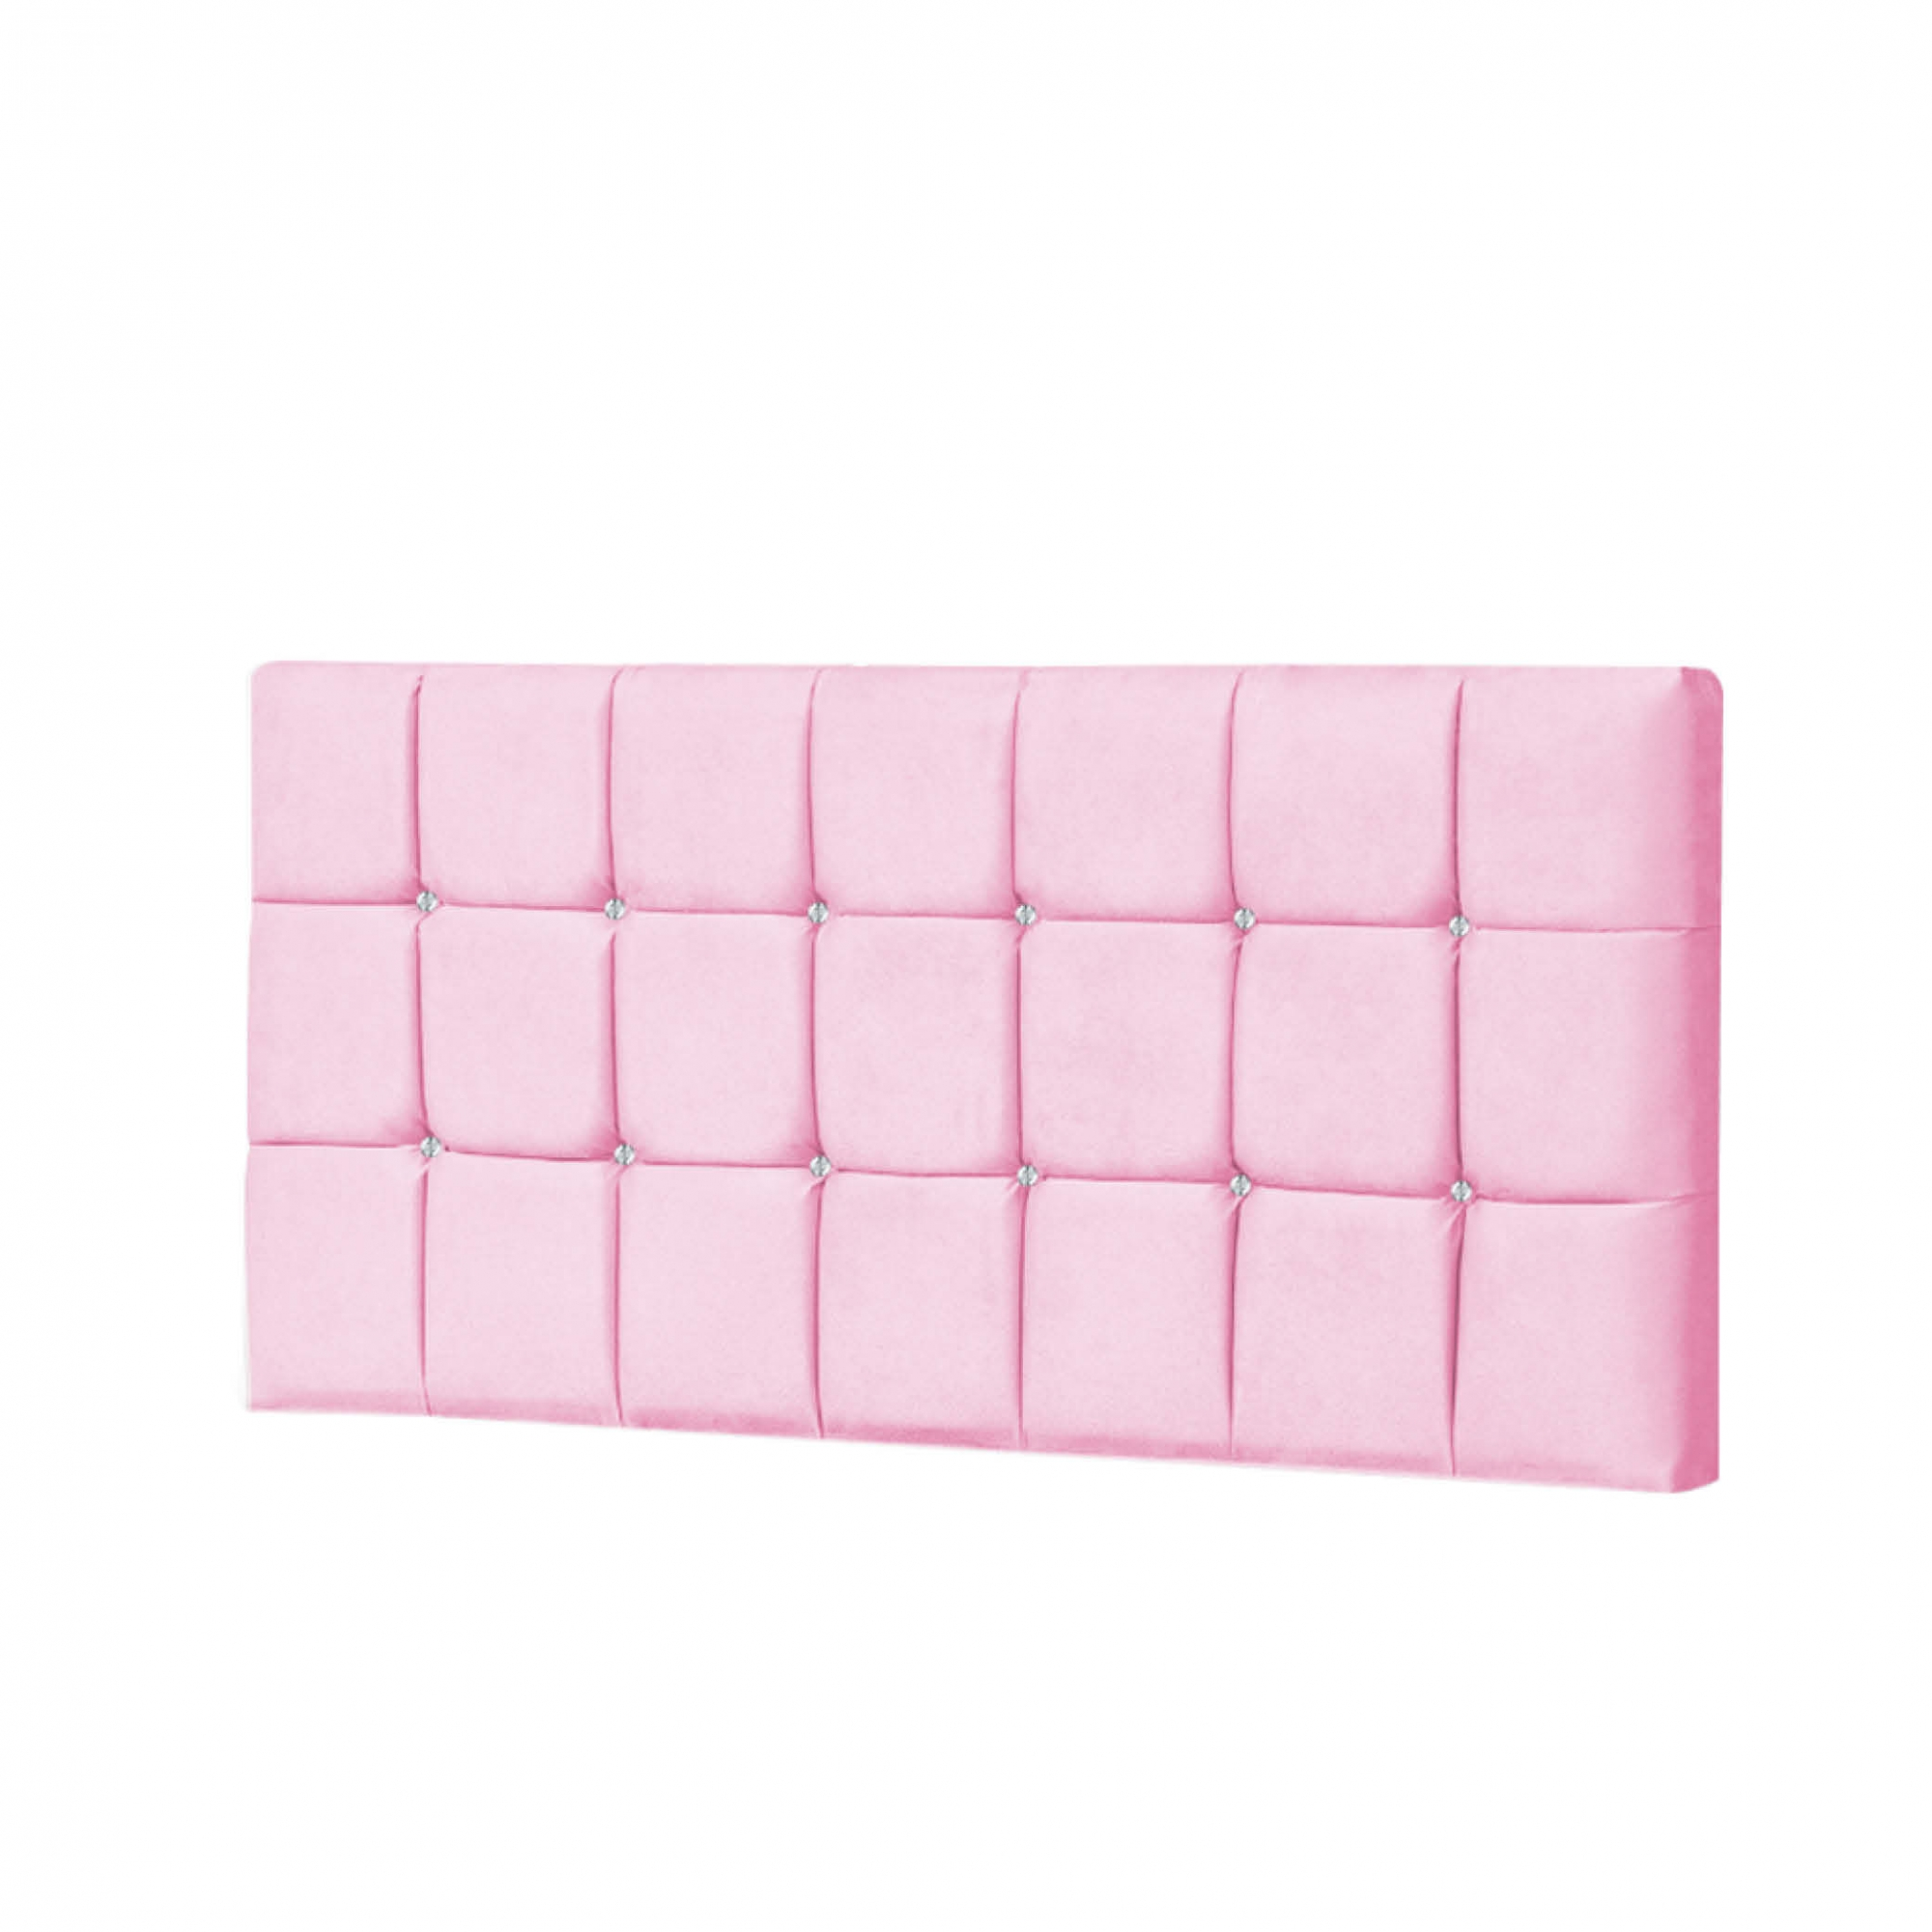 Painel Espanha Estofada King 195cm Tecido Sintético Rosa Com Strass Branco Bela Casa Shop